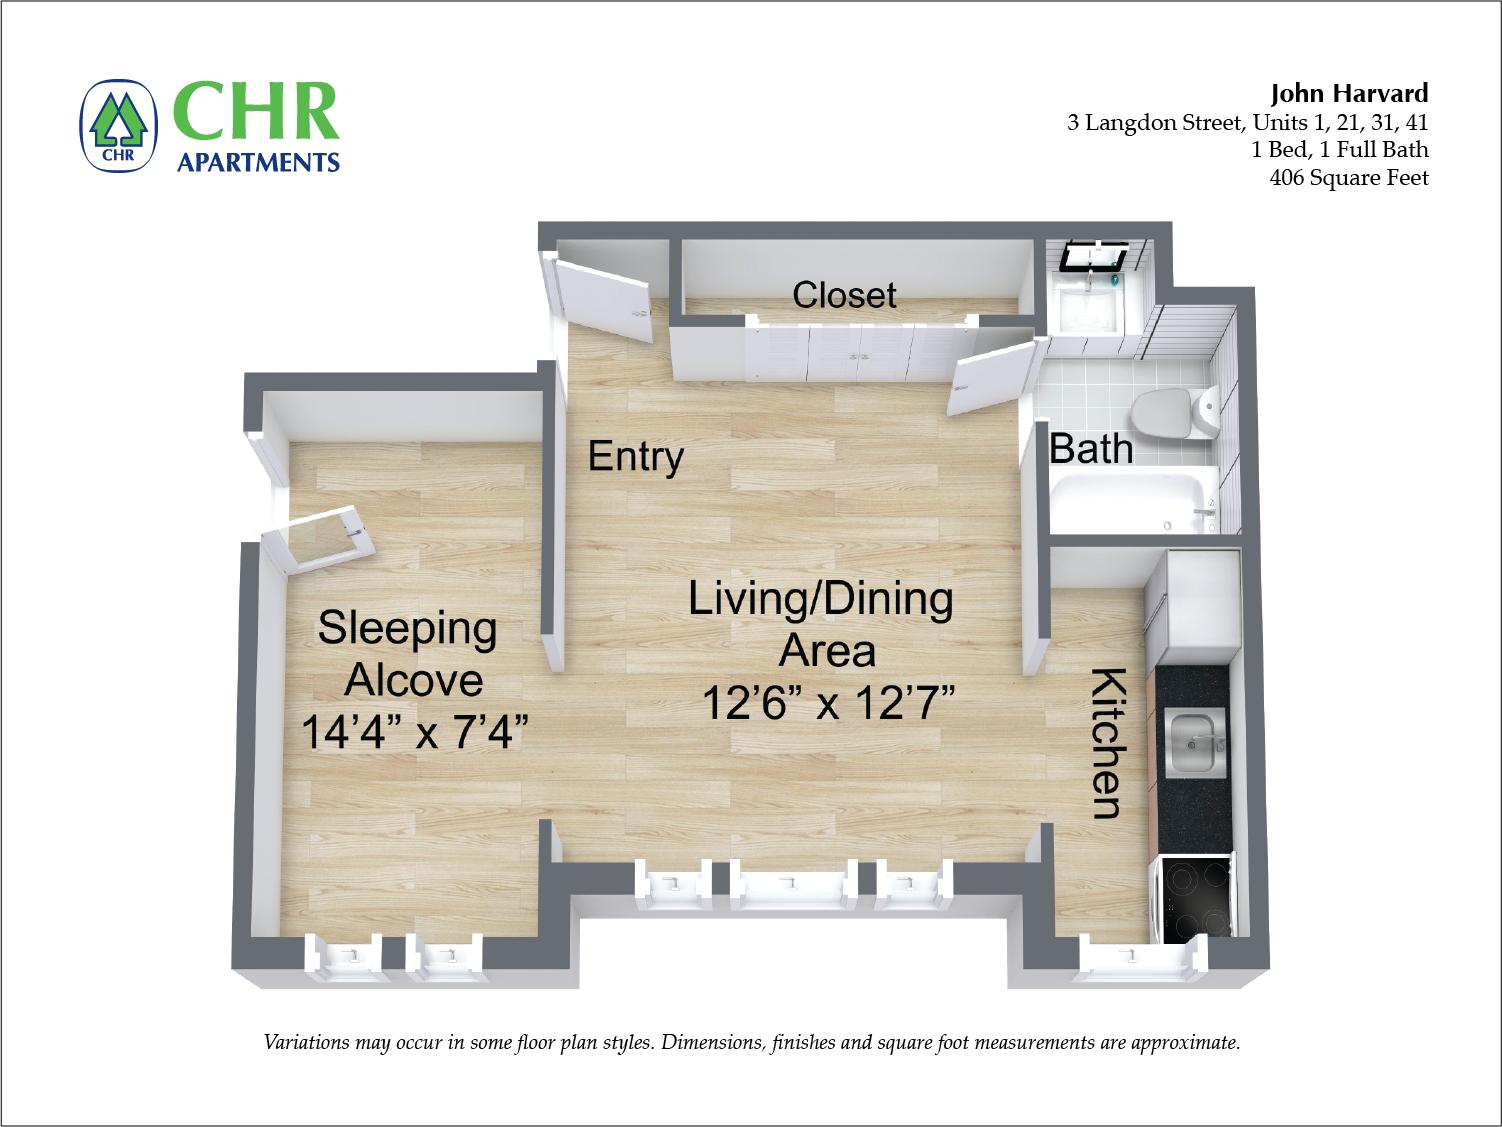 Floor plan John Harvard - 1 Bedroom image 6